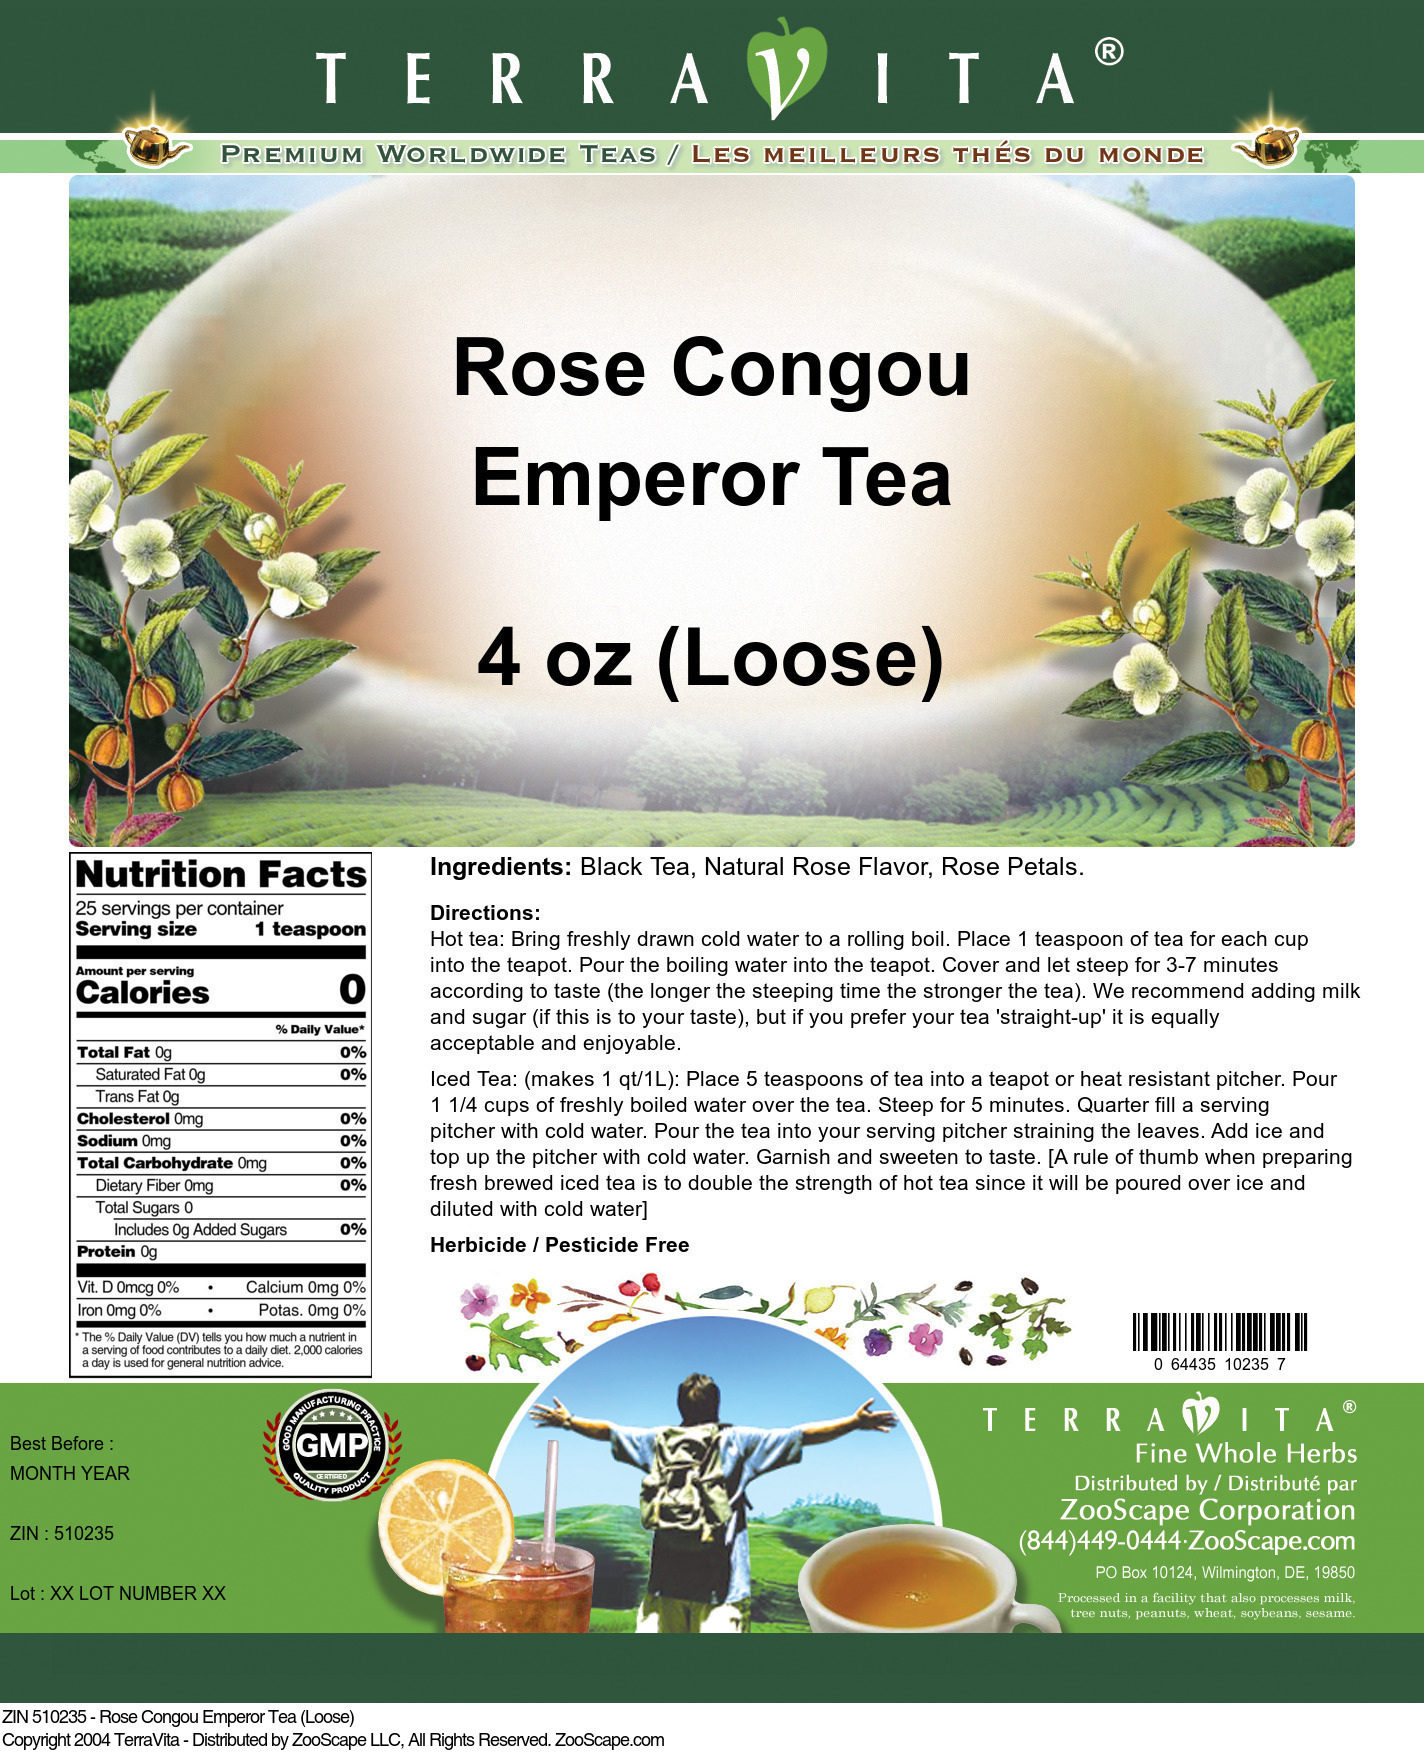 Rose Congou Emperor